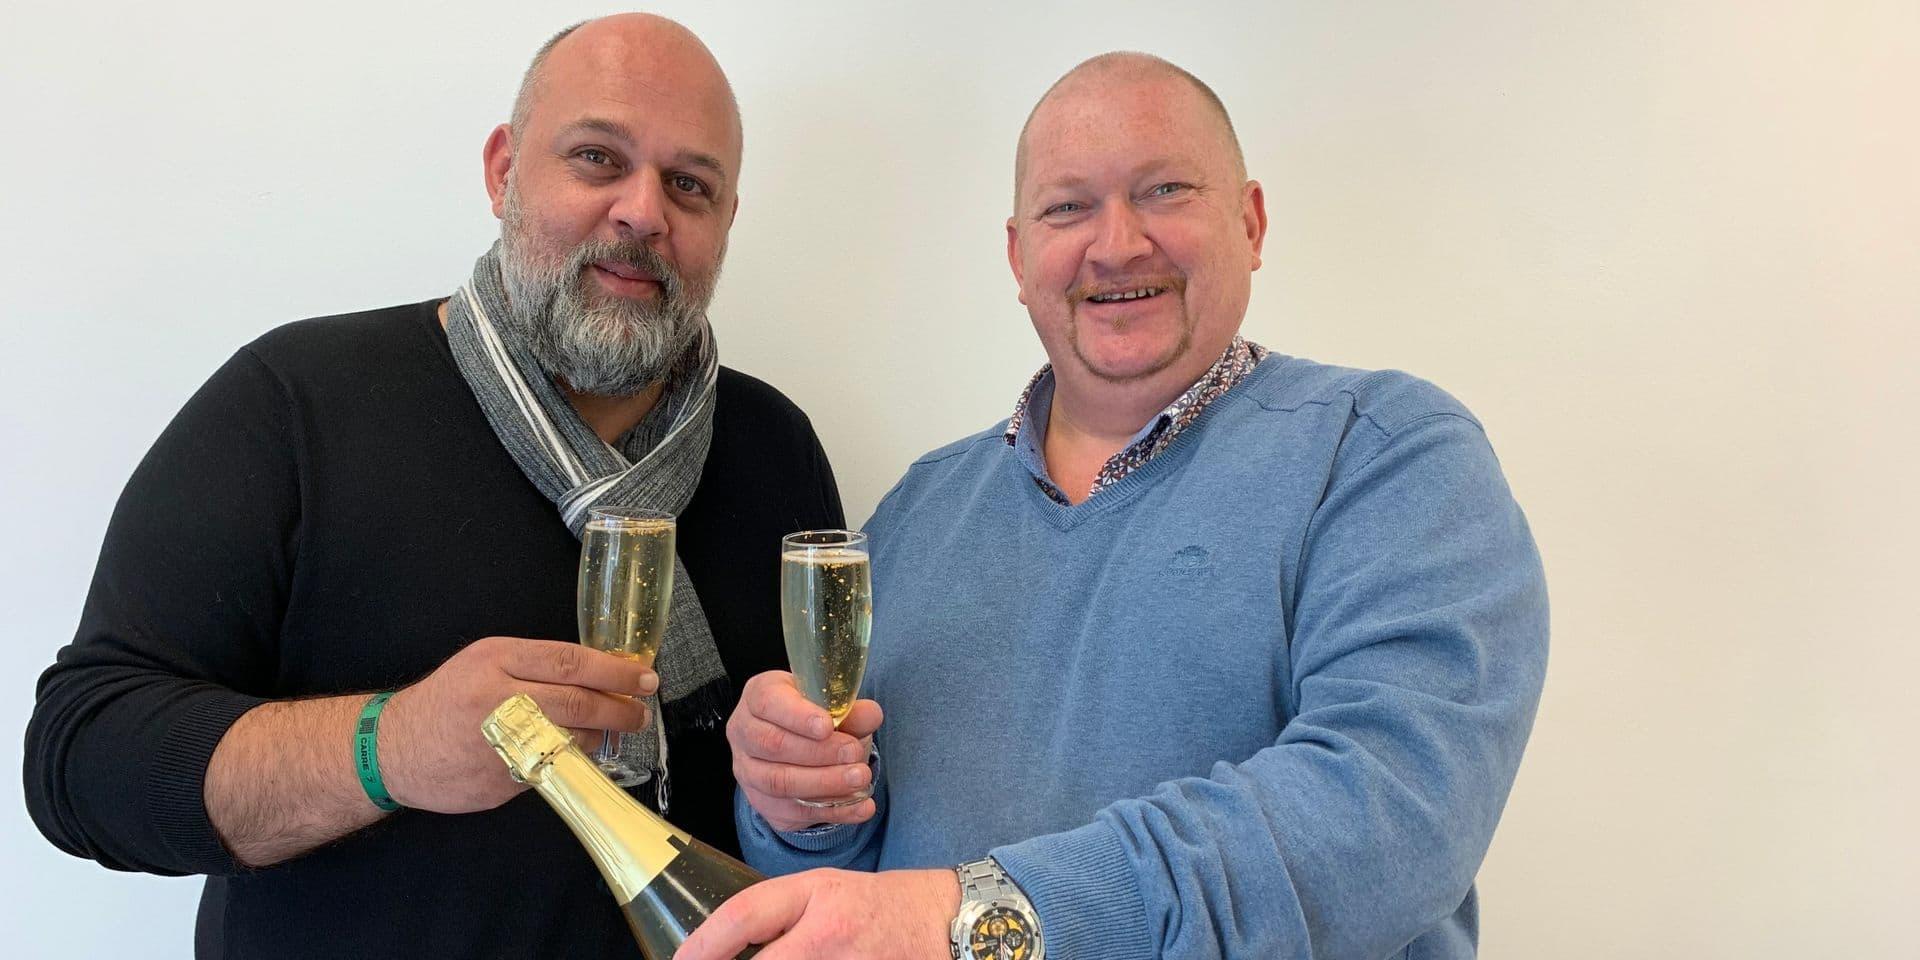 Olivier et Yves mettent de l'or en bouteille : un Cava millésime 23 carats !